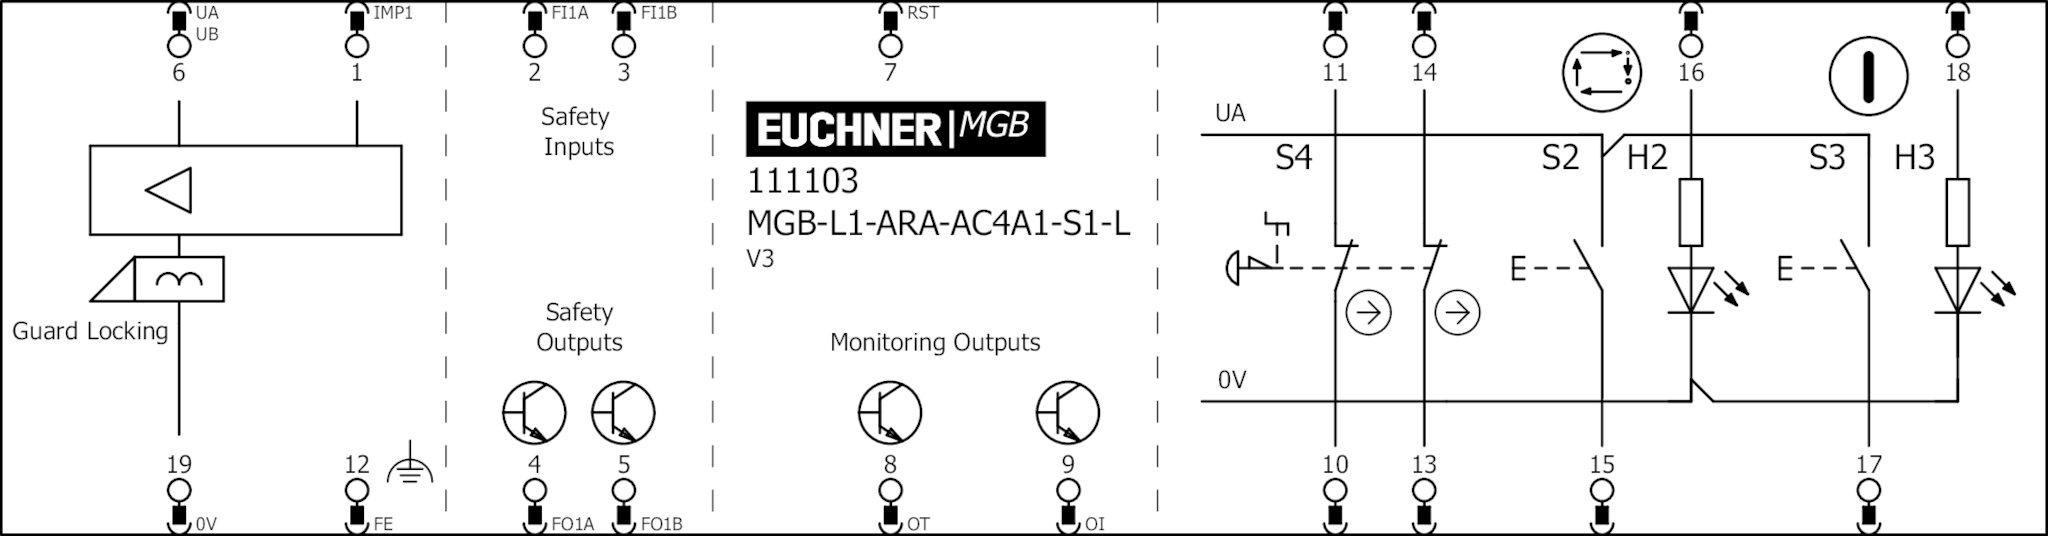 mgb wiring diagram symbols mgb l1 ara ac4a1 s1 l 111103 locking module mgb l1 ara    guard  s1 l 111103 locking module mgb l1 ara